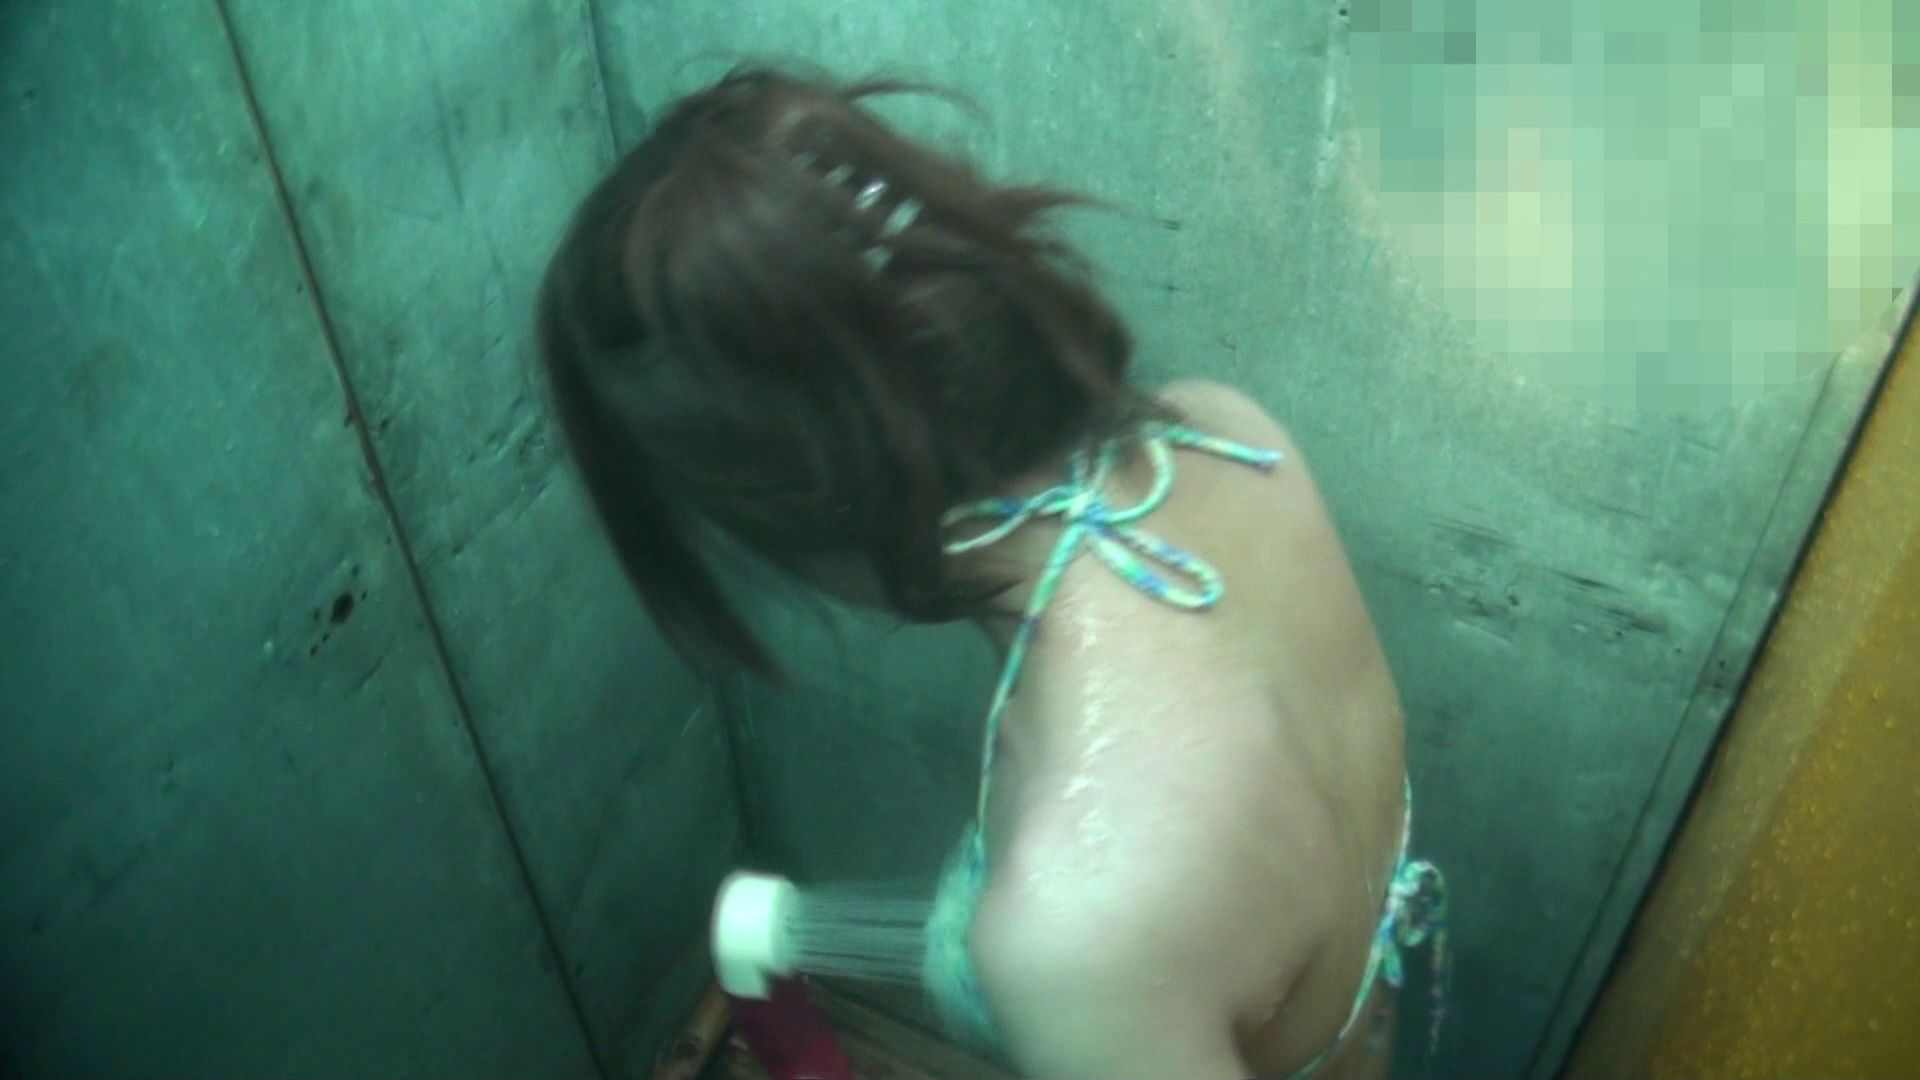 シャワールームは超!!危険な香りVol.15 残念ですが乳首未確認 マンコの砂は入念に 乳首ポロリ 盗撮ワレメ無修正動画無料 51画像 18